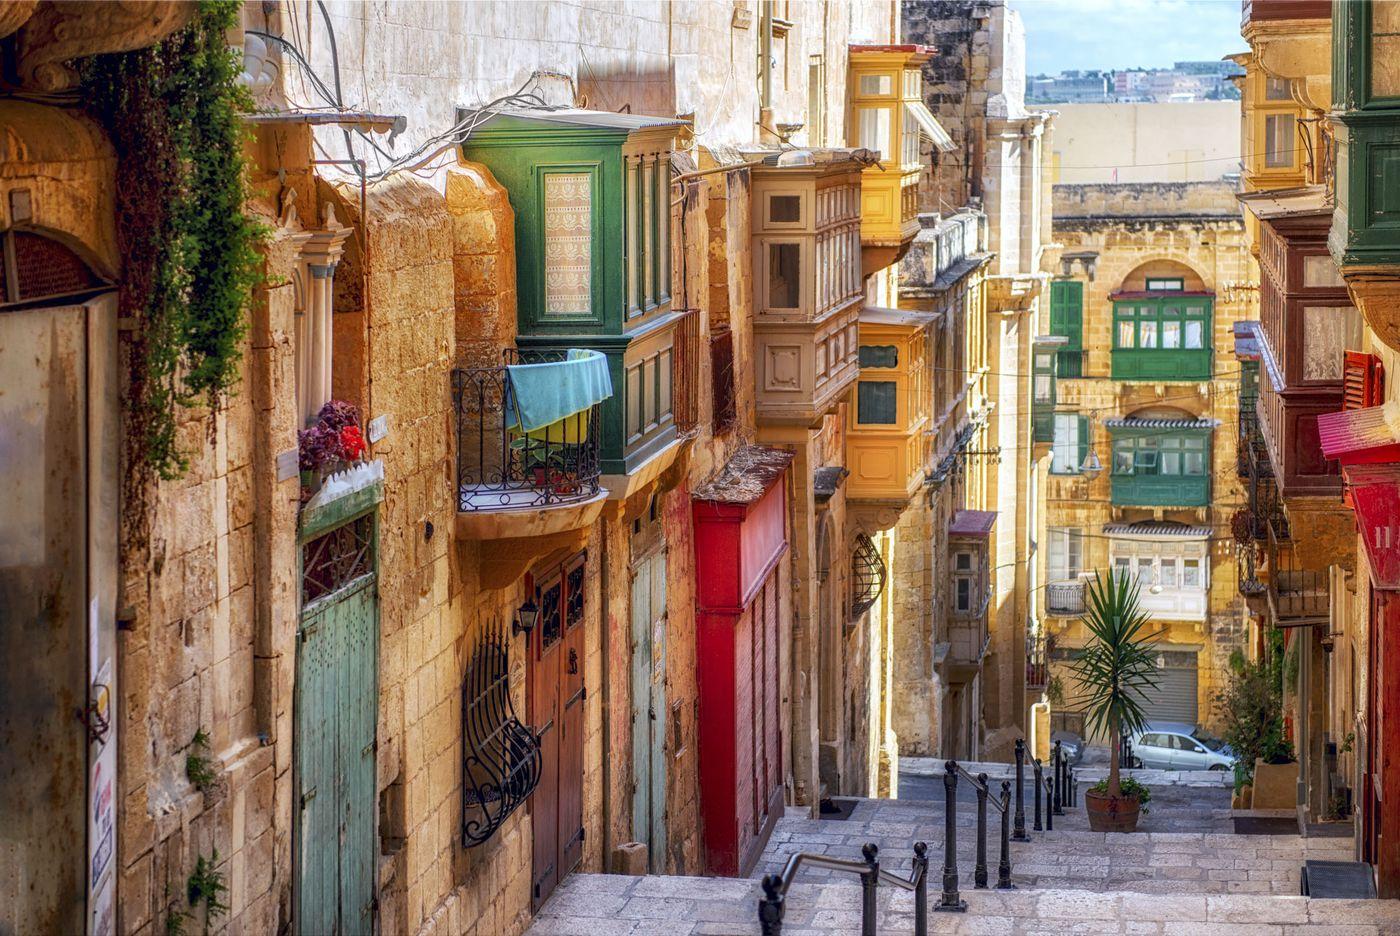 5 – Malta